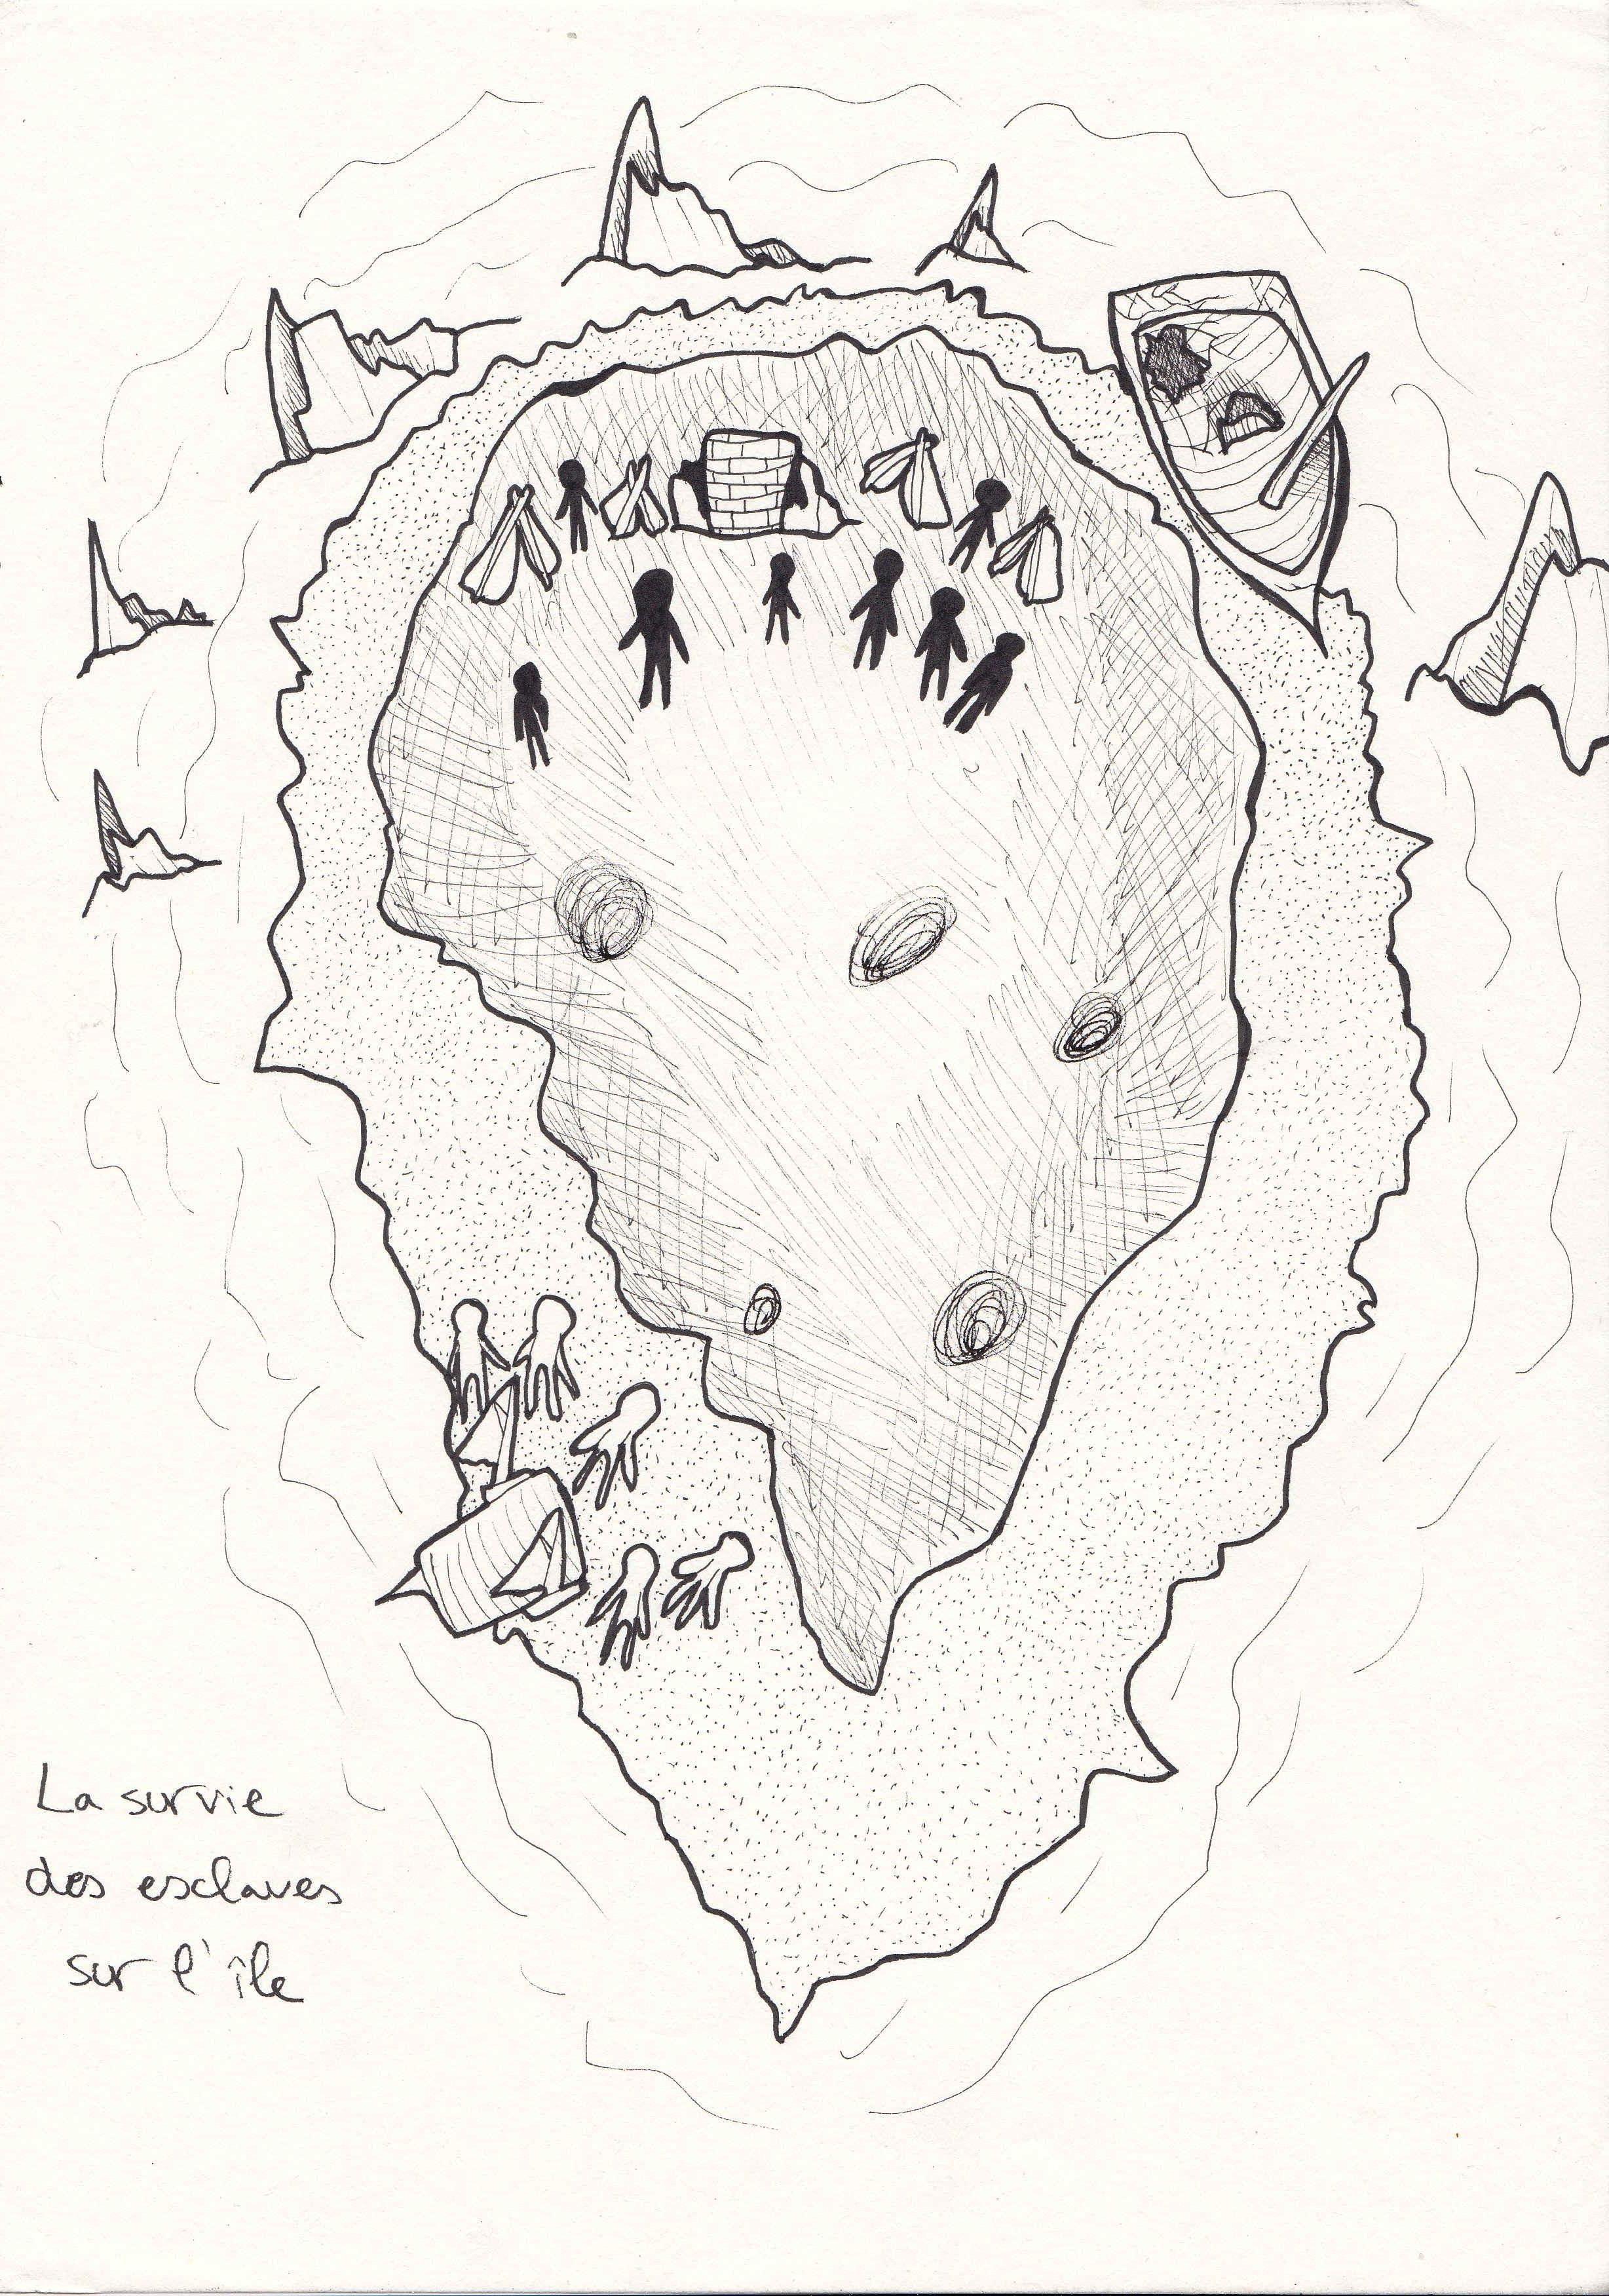 La survie des esclaves sur l île-page-001.jpg